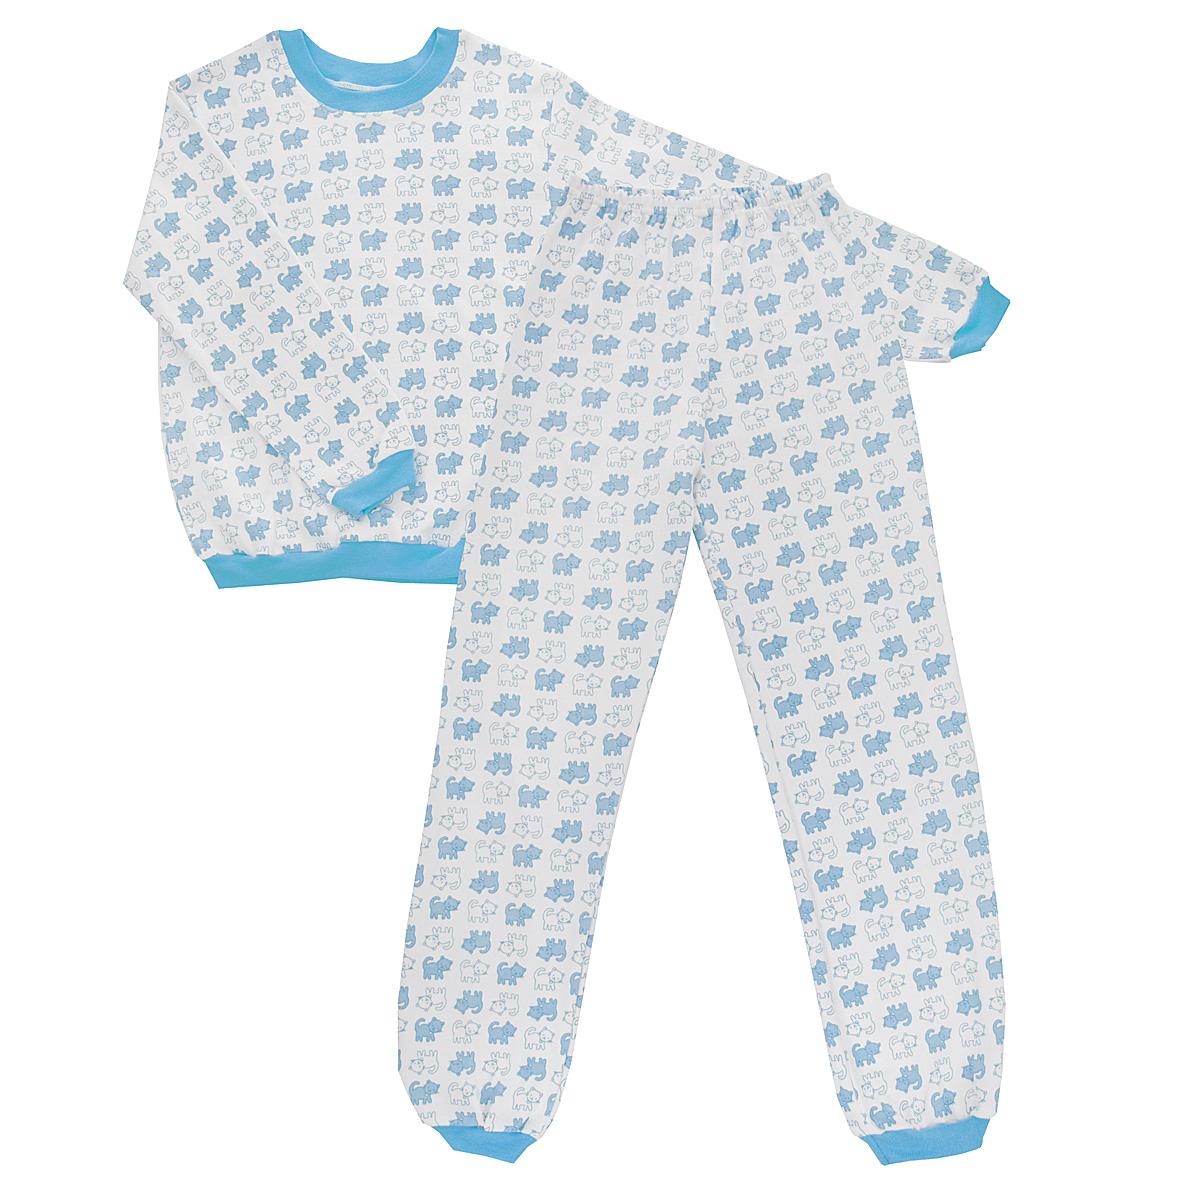 Пижама детская Трон-плюс, цвет: белый, голубой. 5555_котенок. Размер 86/92, 2-3 года5555_котенокУютная детская пижама Трон-плюс, состоящая из джемпера и брюк, идеально подойдет вашему ребенку и станет отличным дополнением к детскому гардеробу. Изготовленная из интерлока, она необычайно мягкая и легкая, не сковывает движения, позволяет коже дышать и не раздражает даже самую нежную и чувствительную кожу ребенка. Трикотажный джемпер с длинными рукавами имеет круглый вырез горловины. Низ изделия, рукава и вырез горловины дополнены эластичной трикотажной резинкой контрастного цвета.Брюки на талии имеют эластичную резинку, благодаря чему не сдавливают живот ребенка и не сползают. Низ брючин дополнен широкими эластичными манжетами контрастного цвета.Оформлено изделие оригинальным принтом с изображением котят. В такой пижаме ваш ребенок будет чувствовать себя комфортно и уютно во время сна.